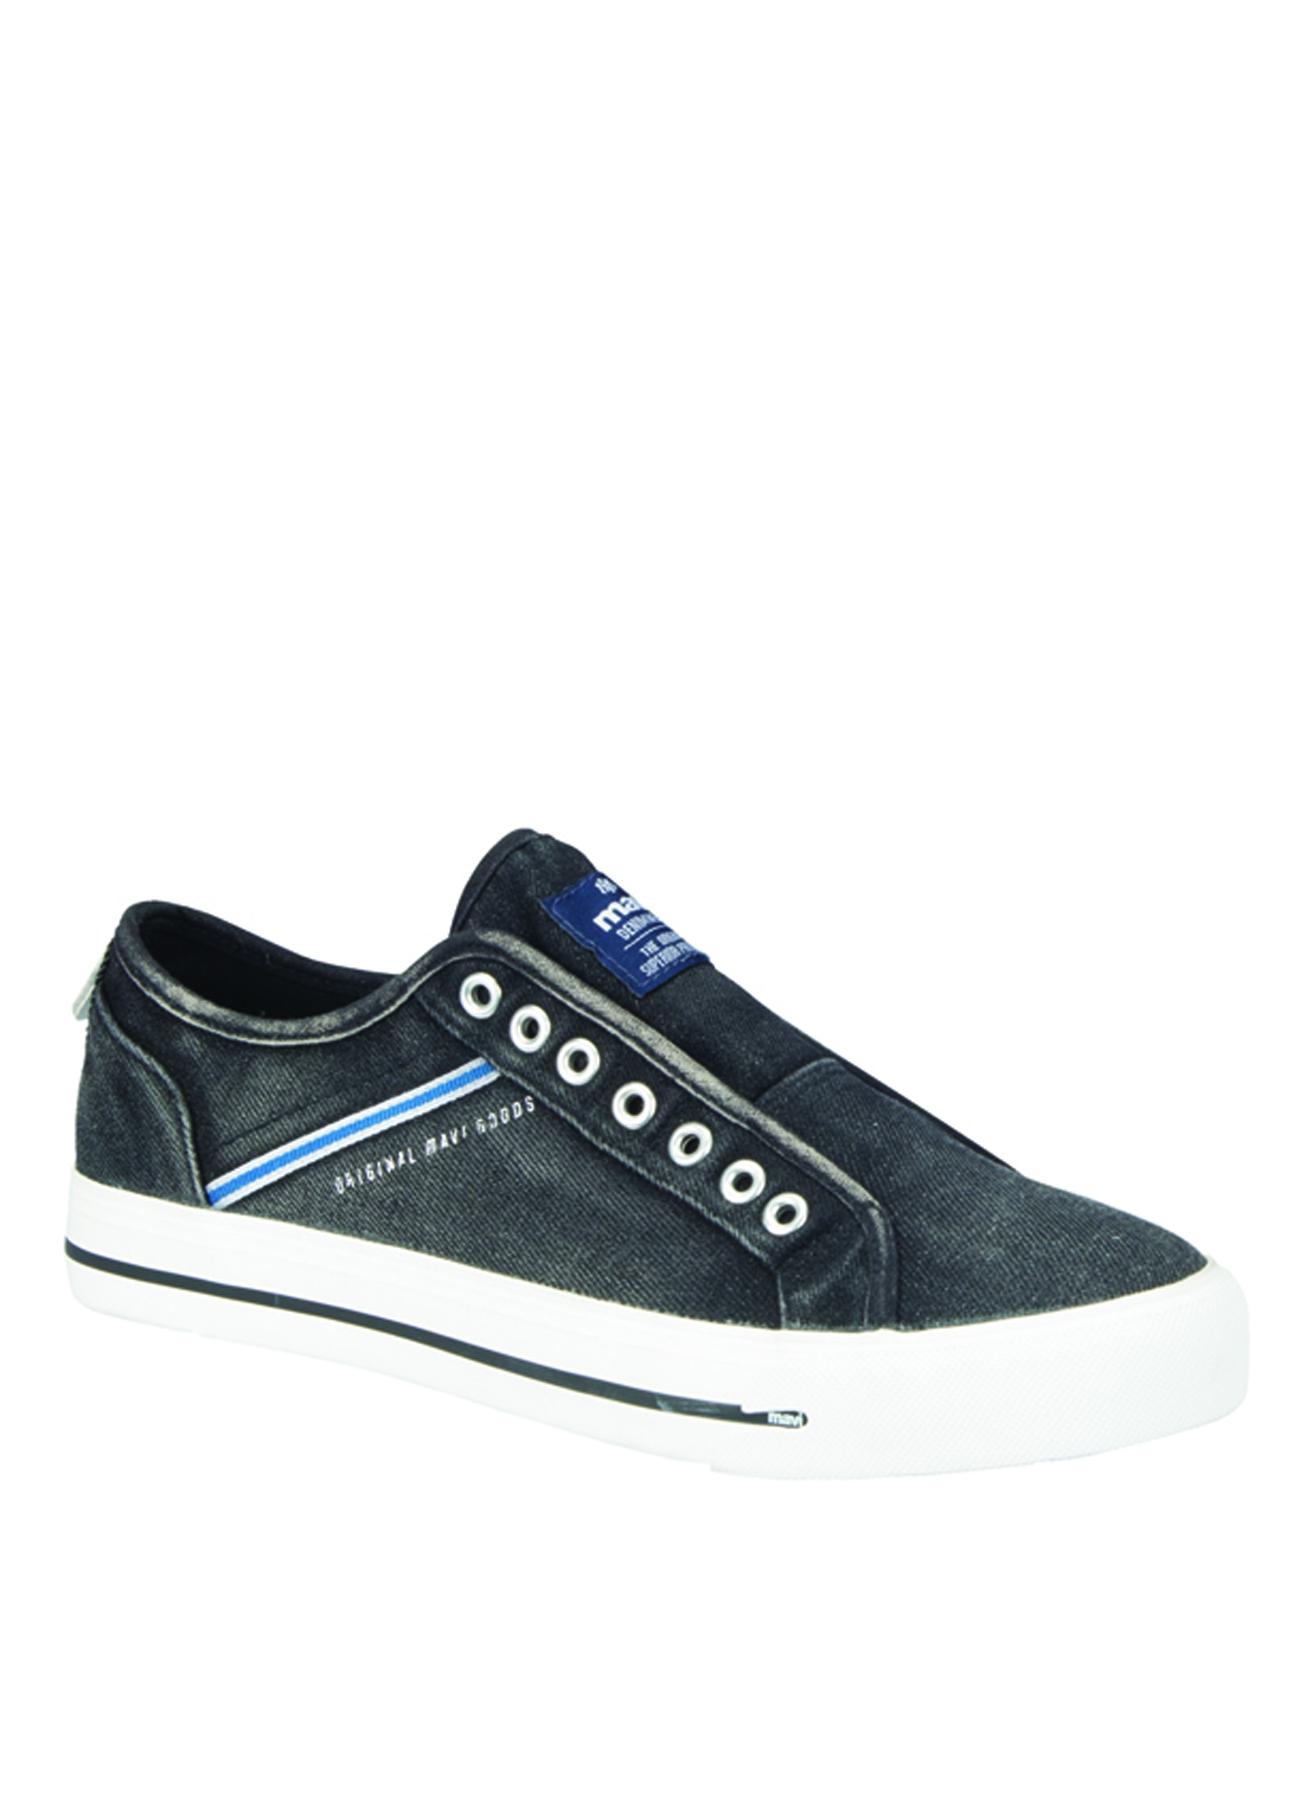 Mavi Günlük Ayakkabı 44 5001911704004 Ürün Resmi